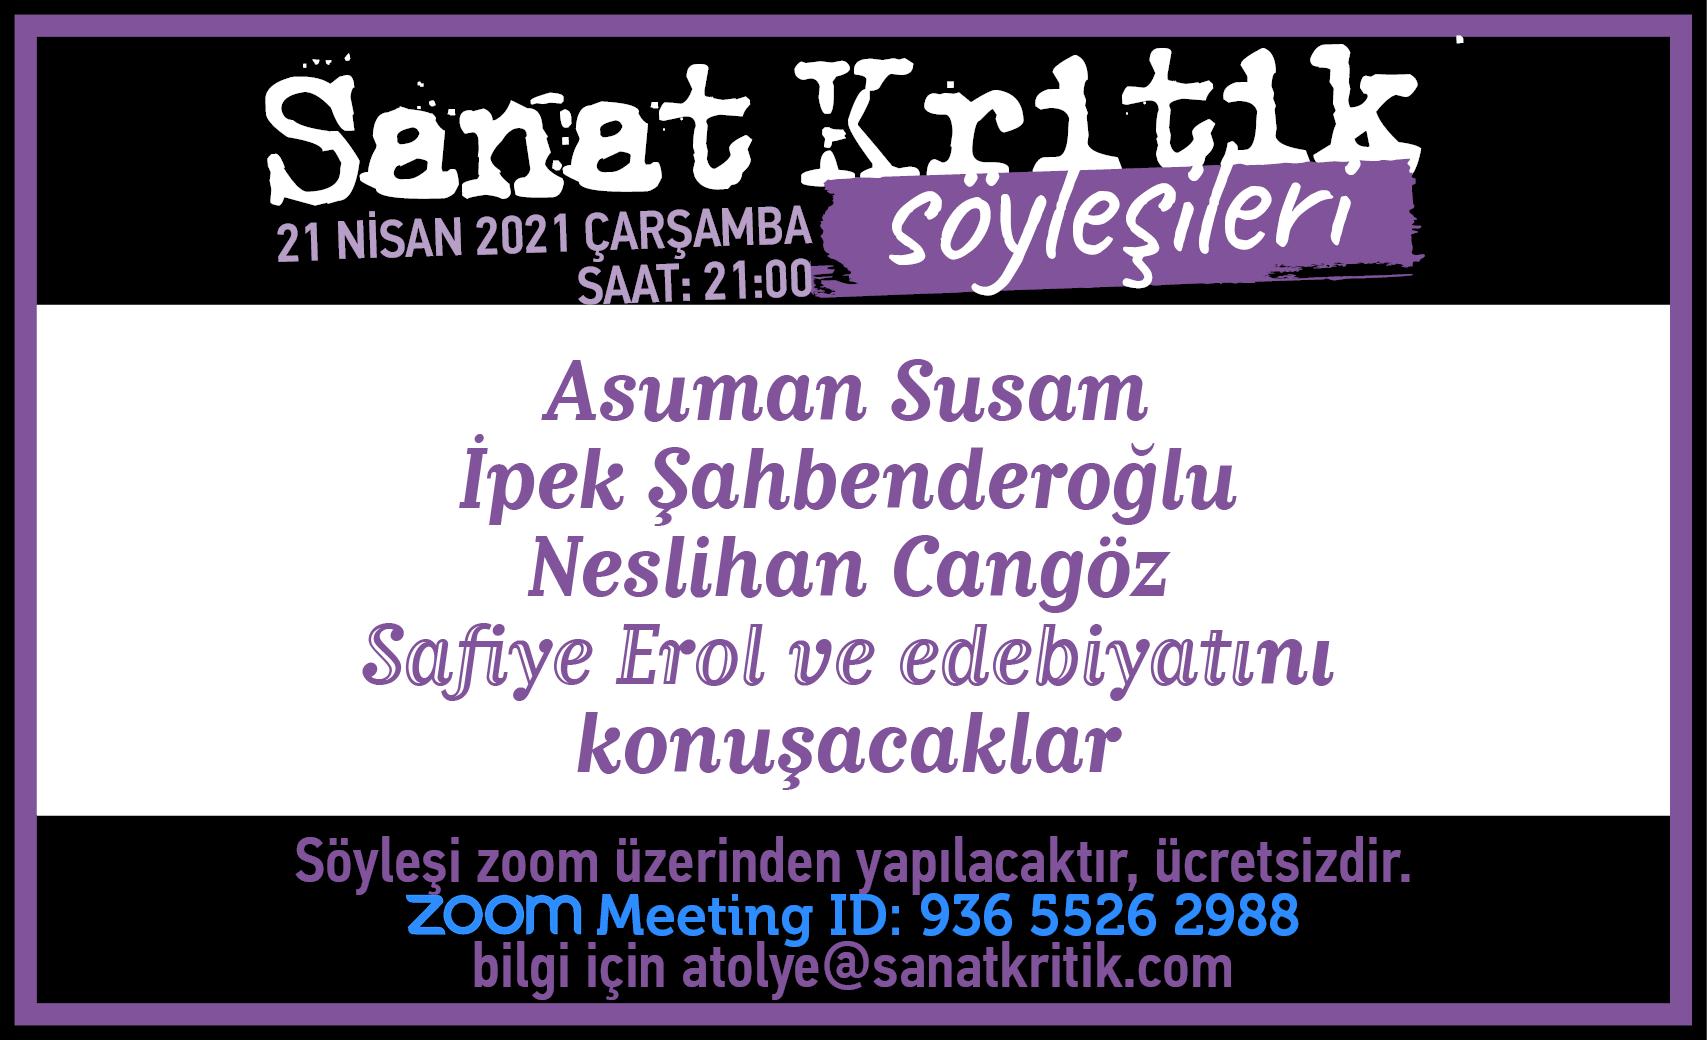 Sanat-Kritik-soylesi_SE-1